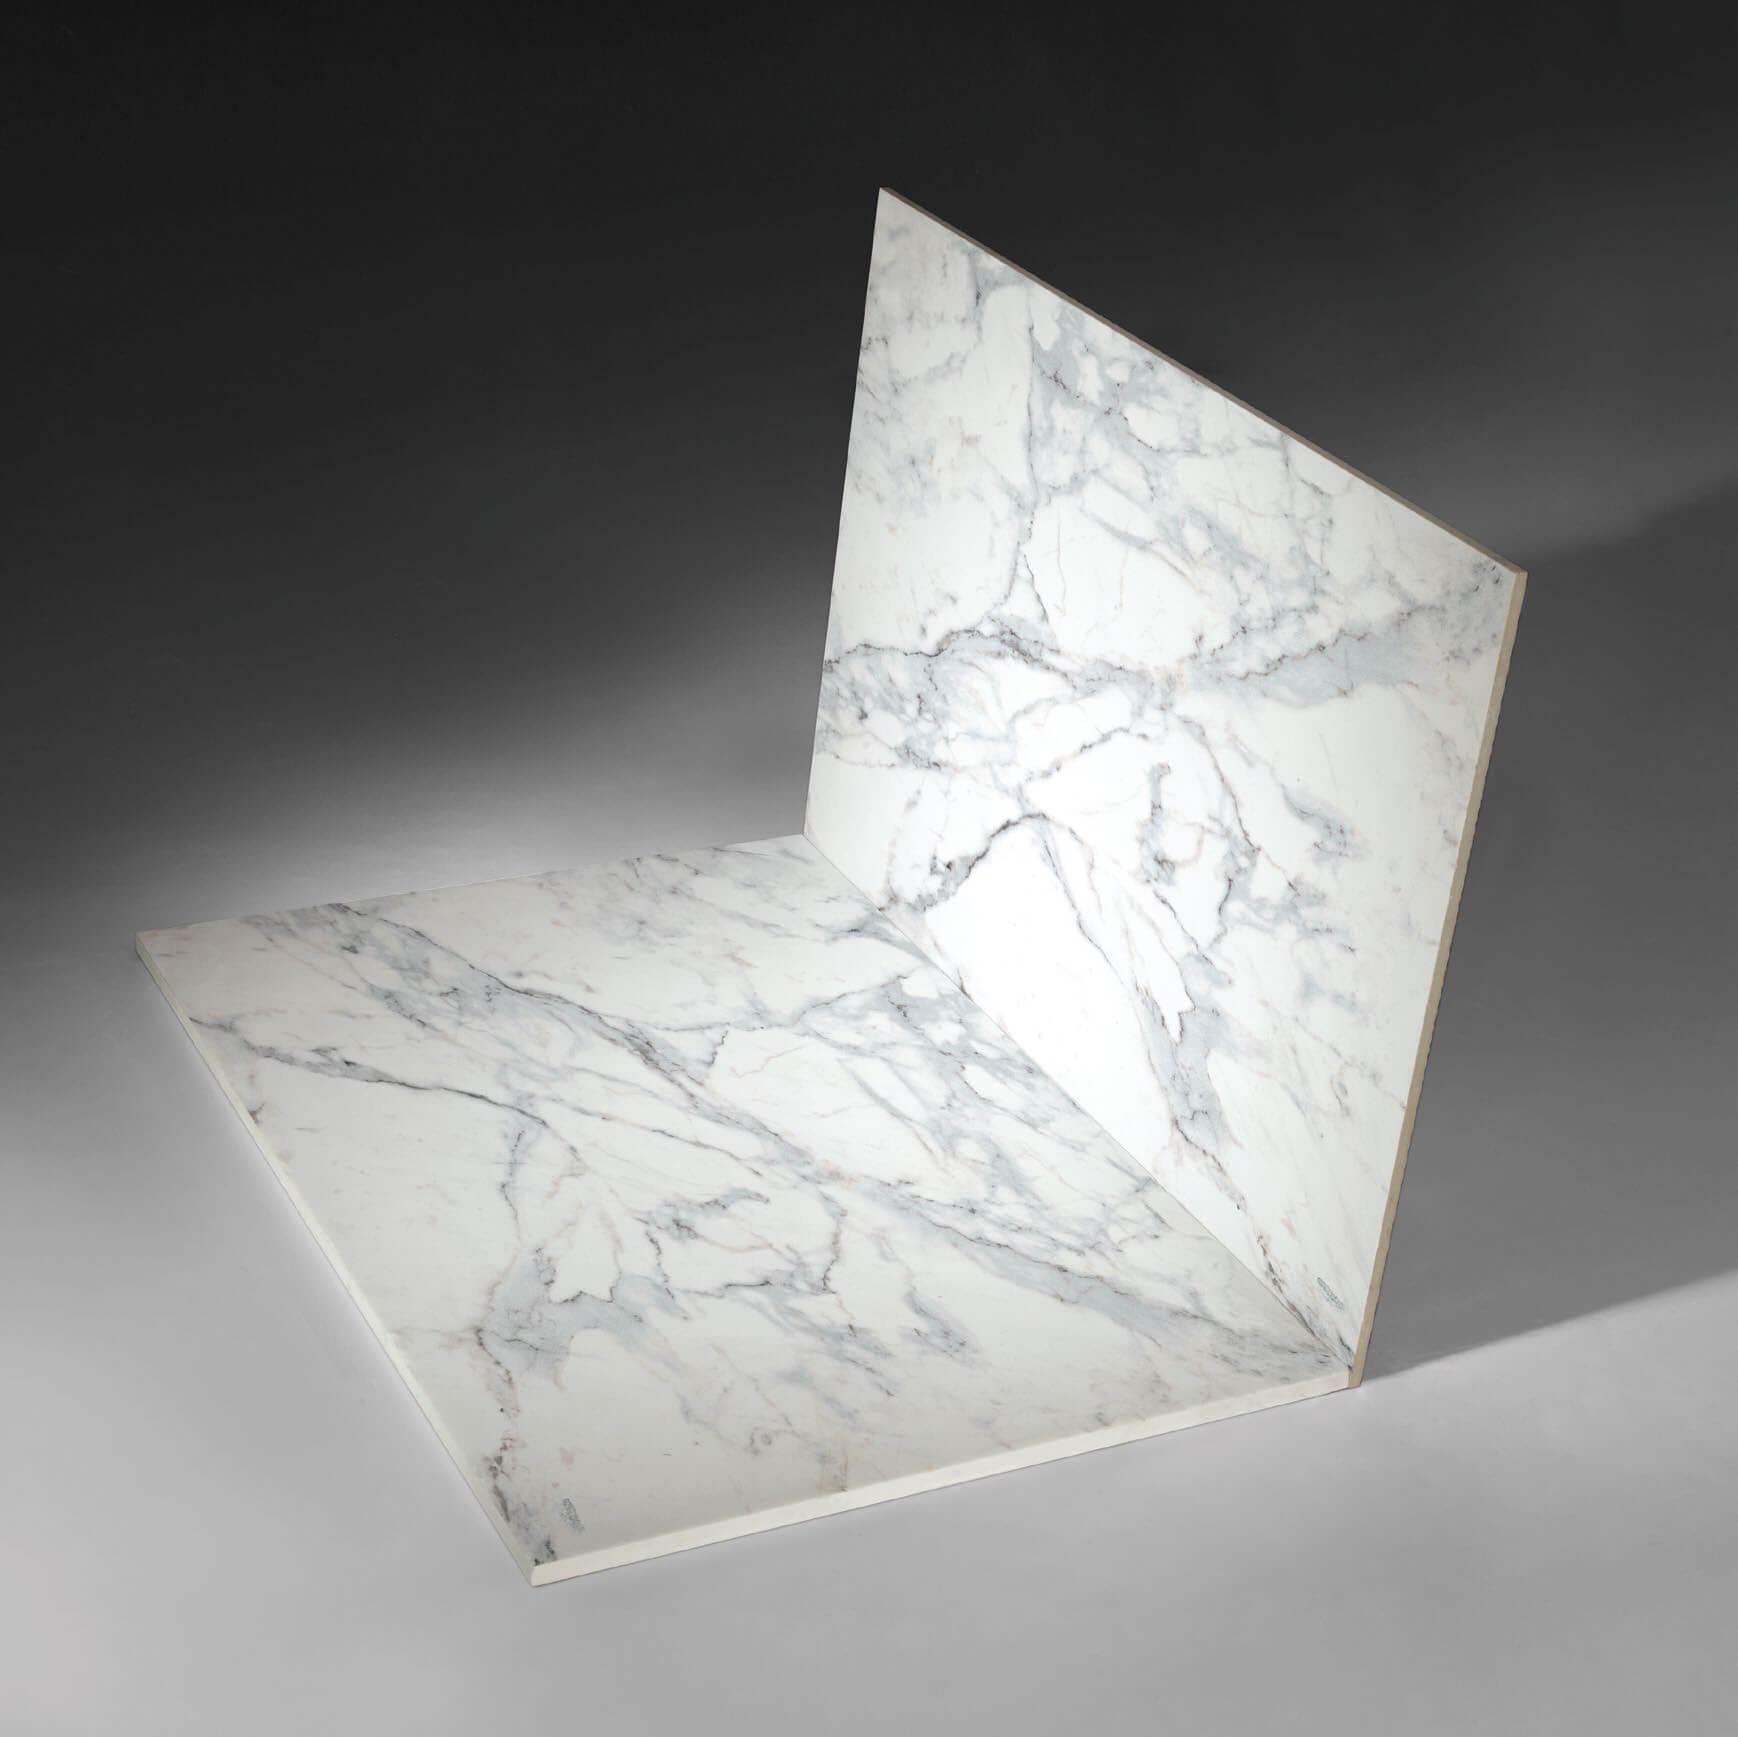 Outlet vloertegels - Kera New Bianco Carrara - Gepolijst